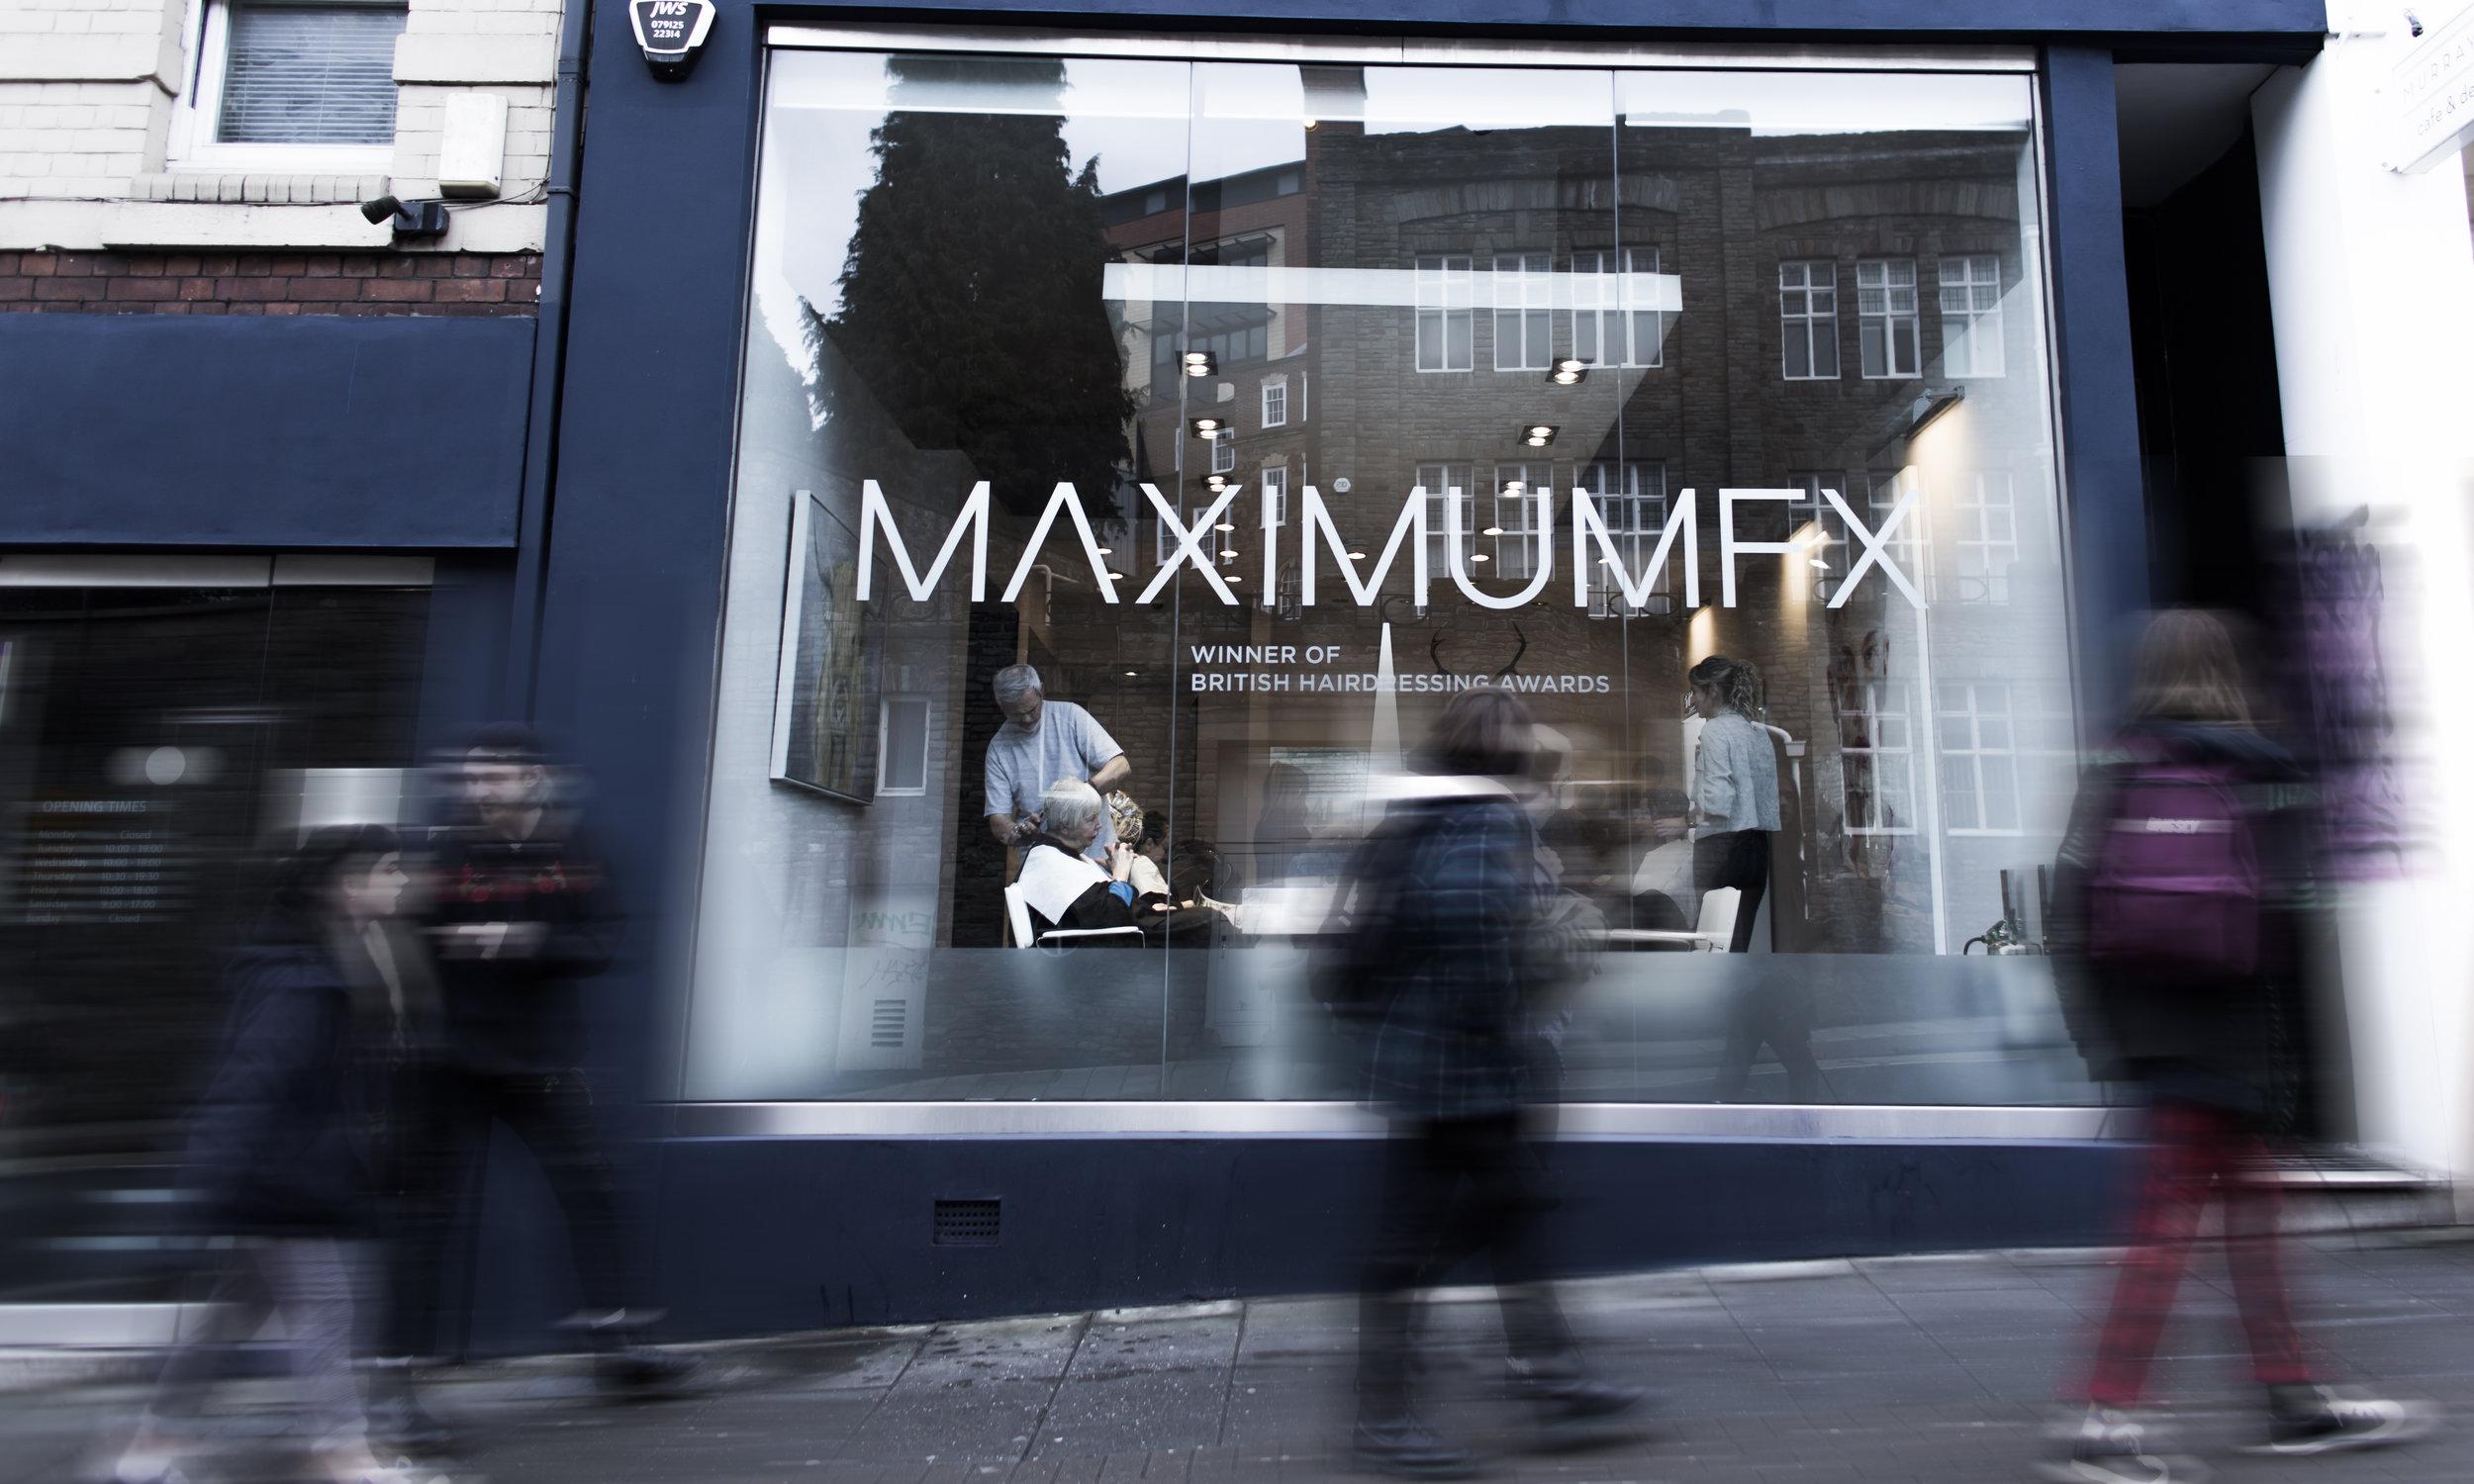 """<strong>Maximum FX__</strong><p>Award winning salon<br><a href=""""/maximum-fx"""">View case study →</a></p>"""